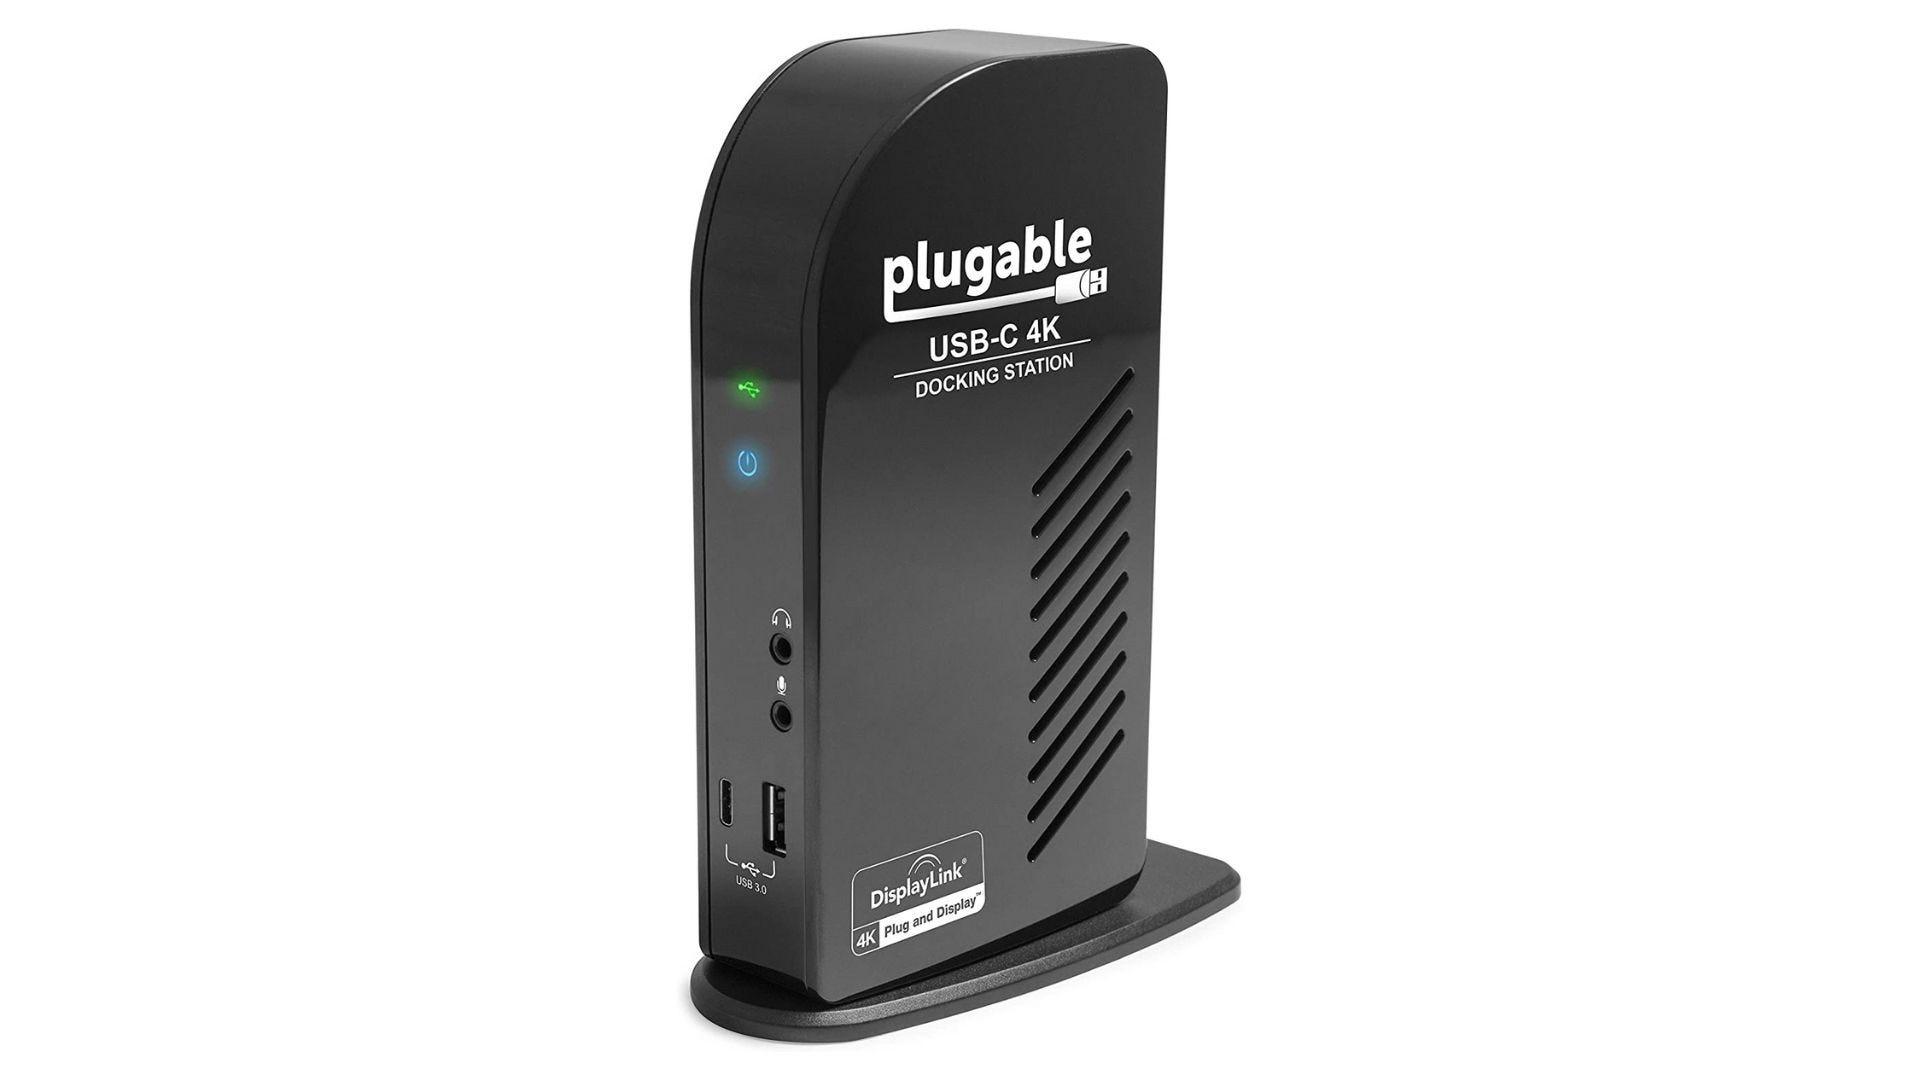 محطة إرساء USB-C 4K قابلة للتوصيل لأجهزة الكمبيوتر المحمولة